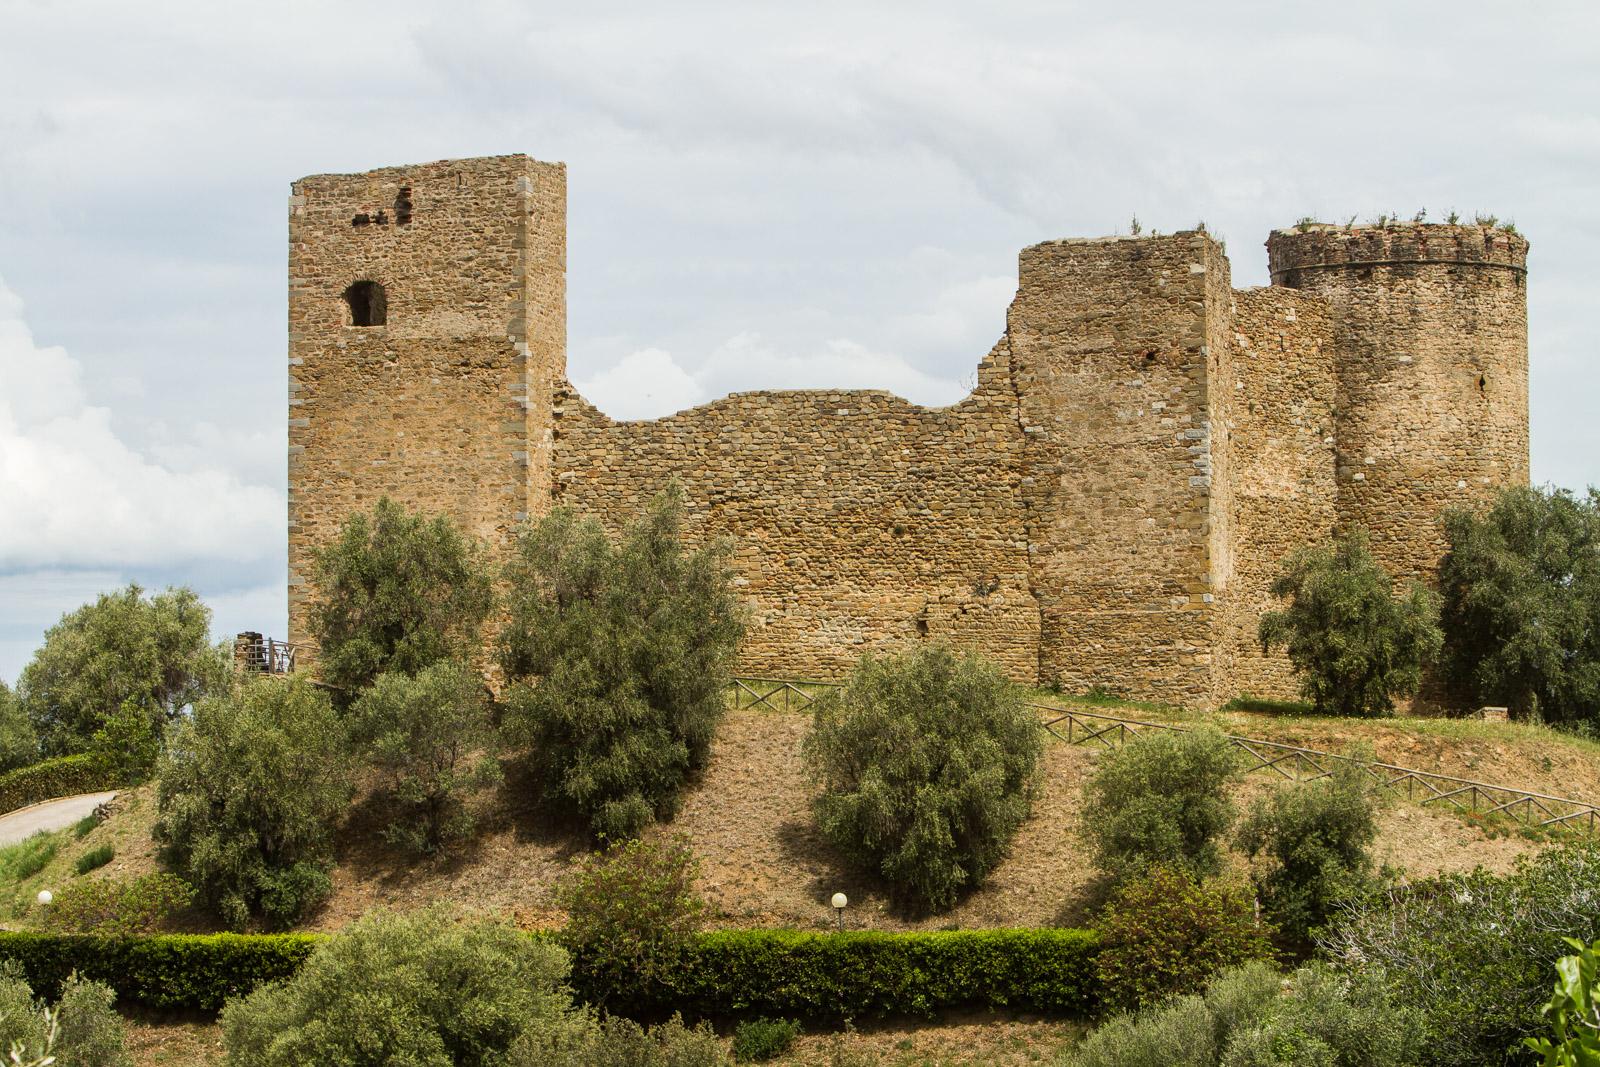 The Castle of Scarlino